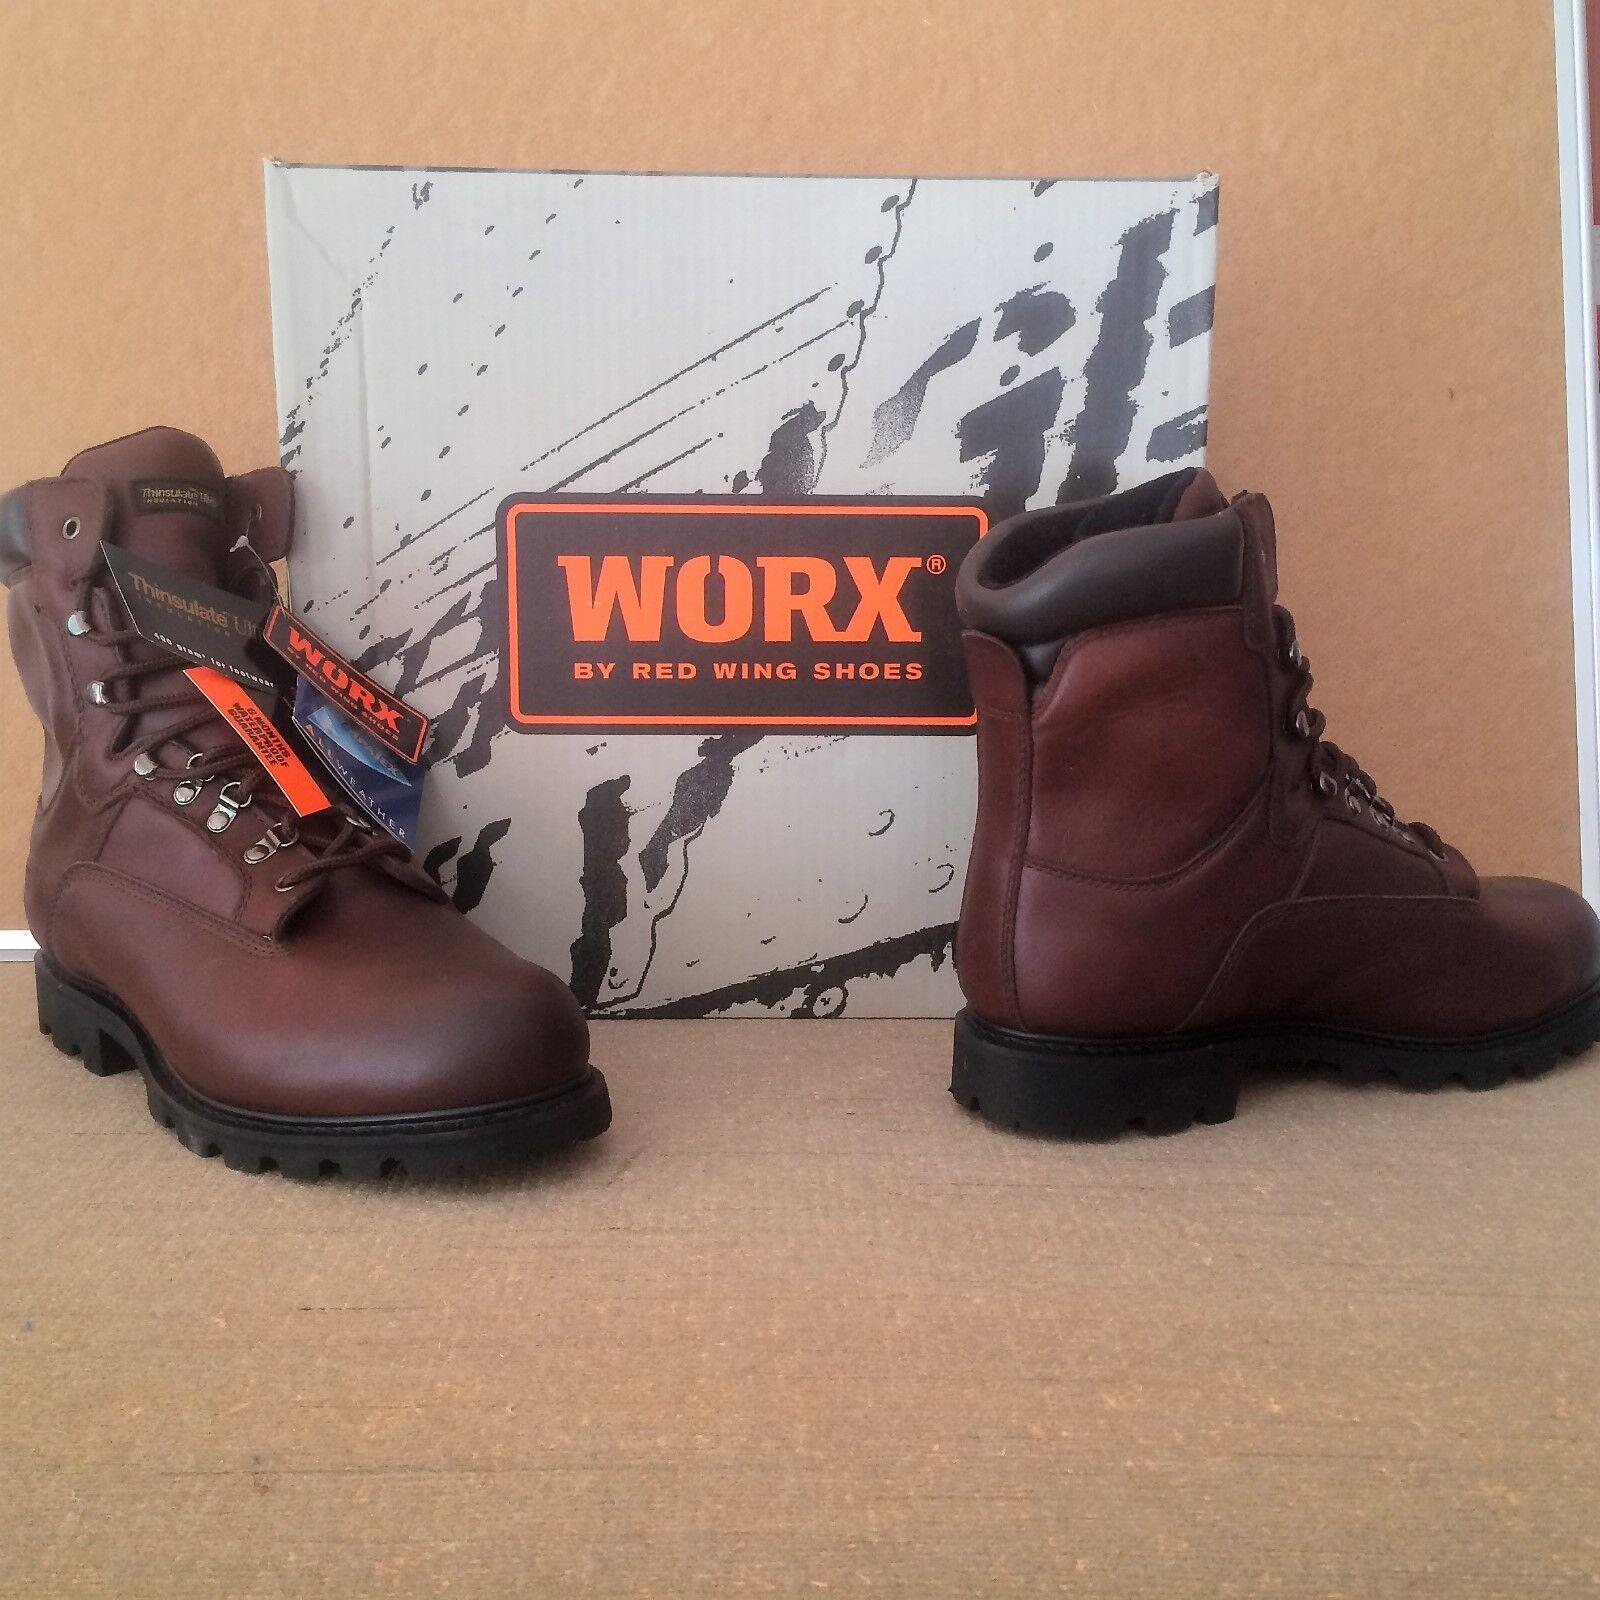 rojo WING WORX - 5432 botas de seguridad de cuero marrón Hecha en EE. UU.